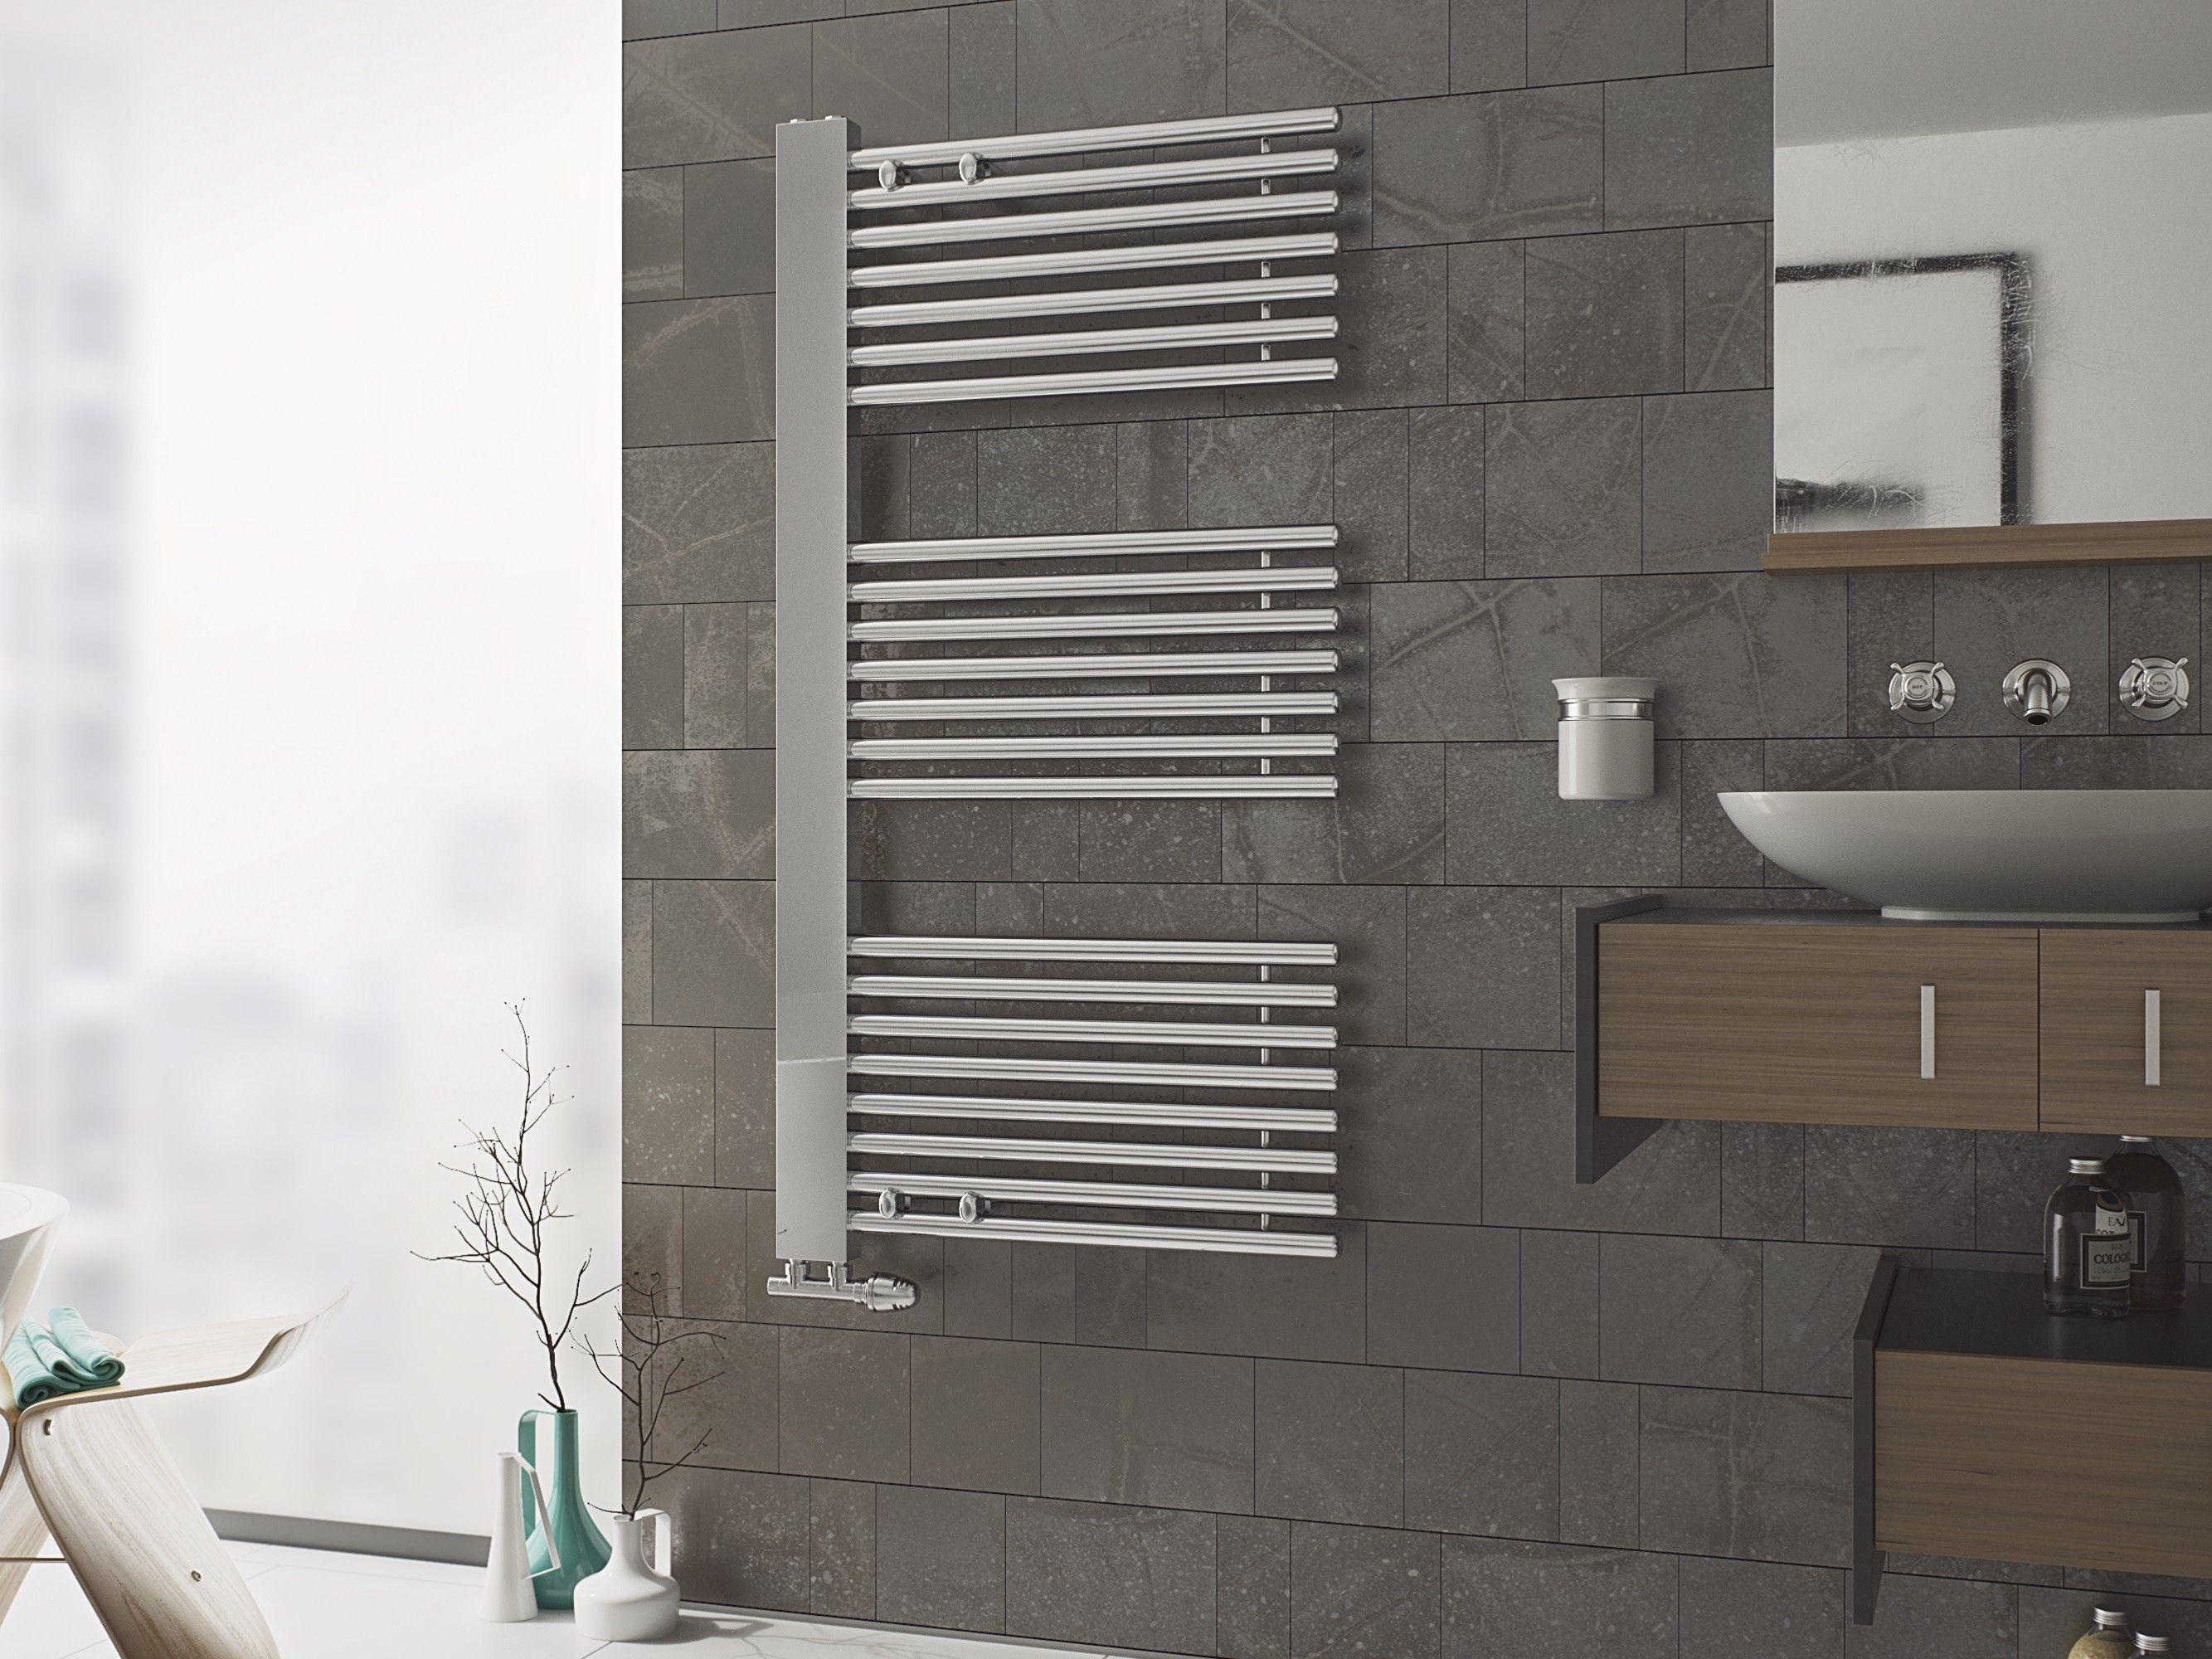 Badezimmer Heizkörper ~ Besten badheizkörper bilder auf elektrisch heizung